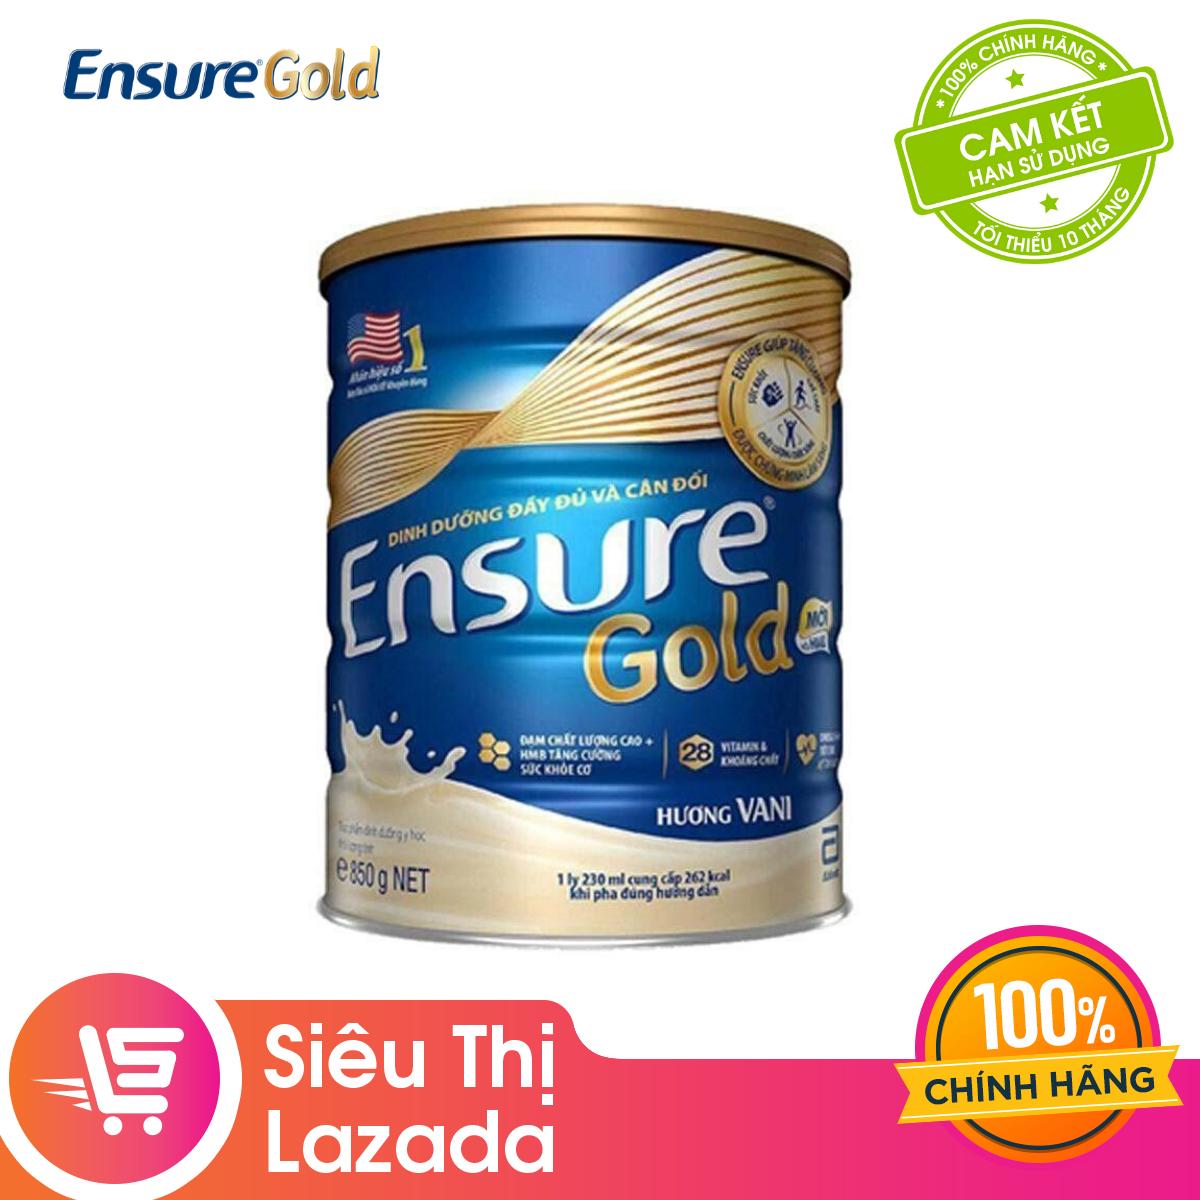 Lon sữa bột Ensure Gold Hương Vani 850g – Giới hạn 5 sản phẩm/khách hàng